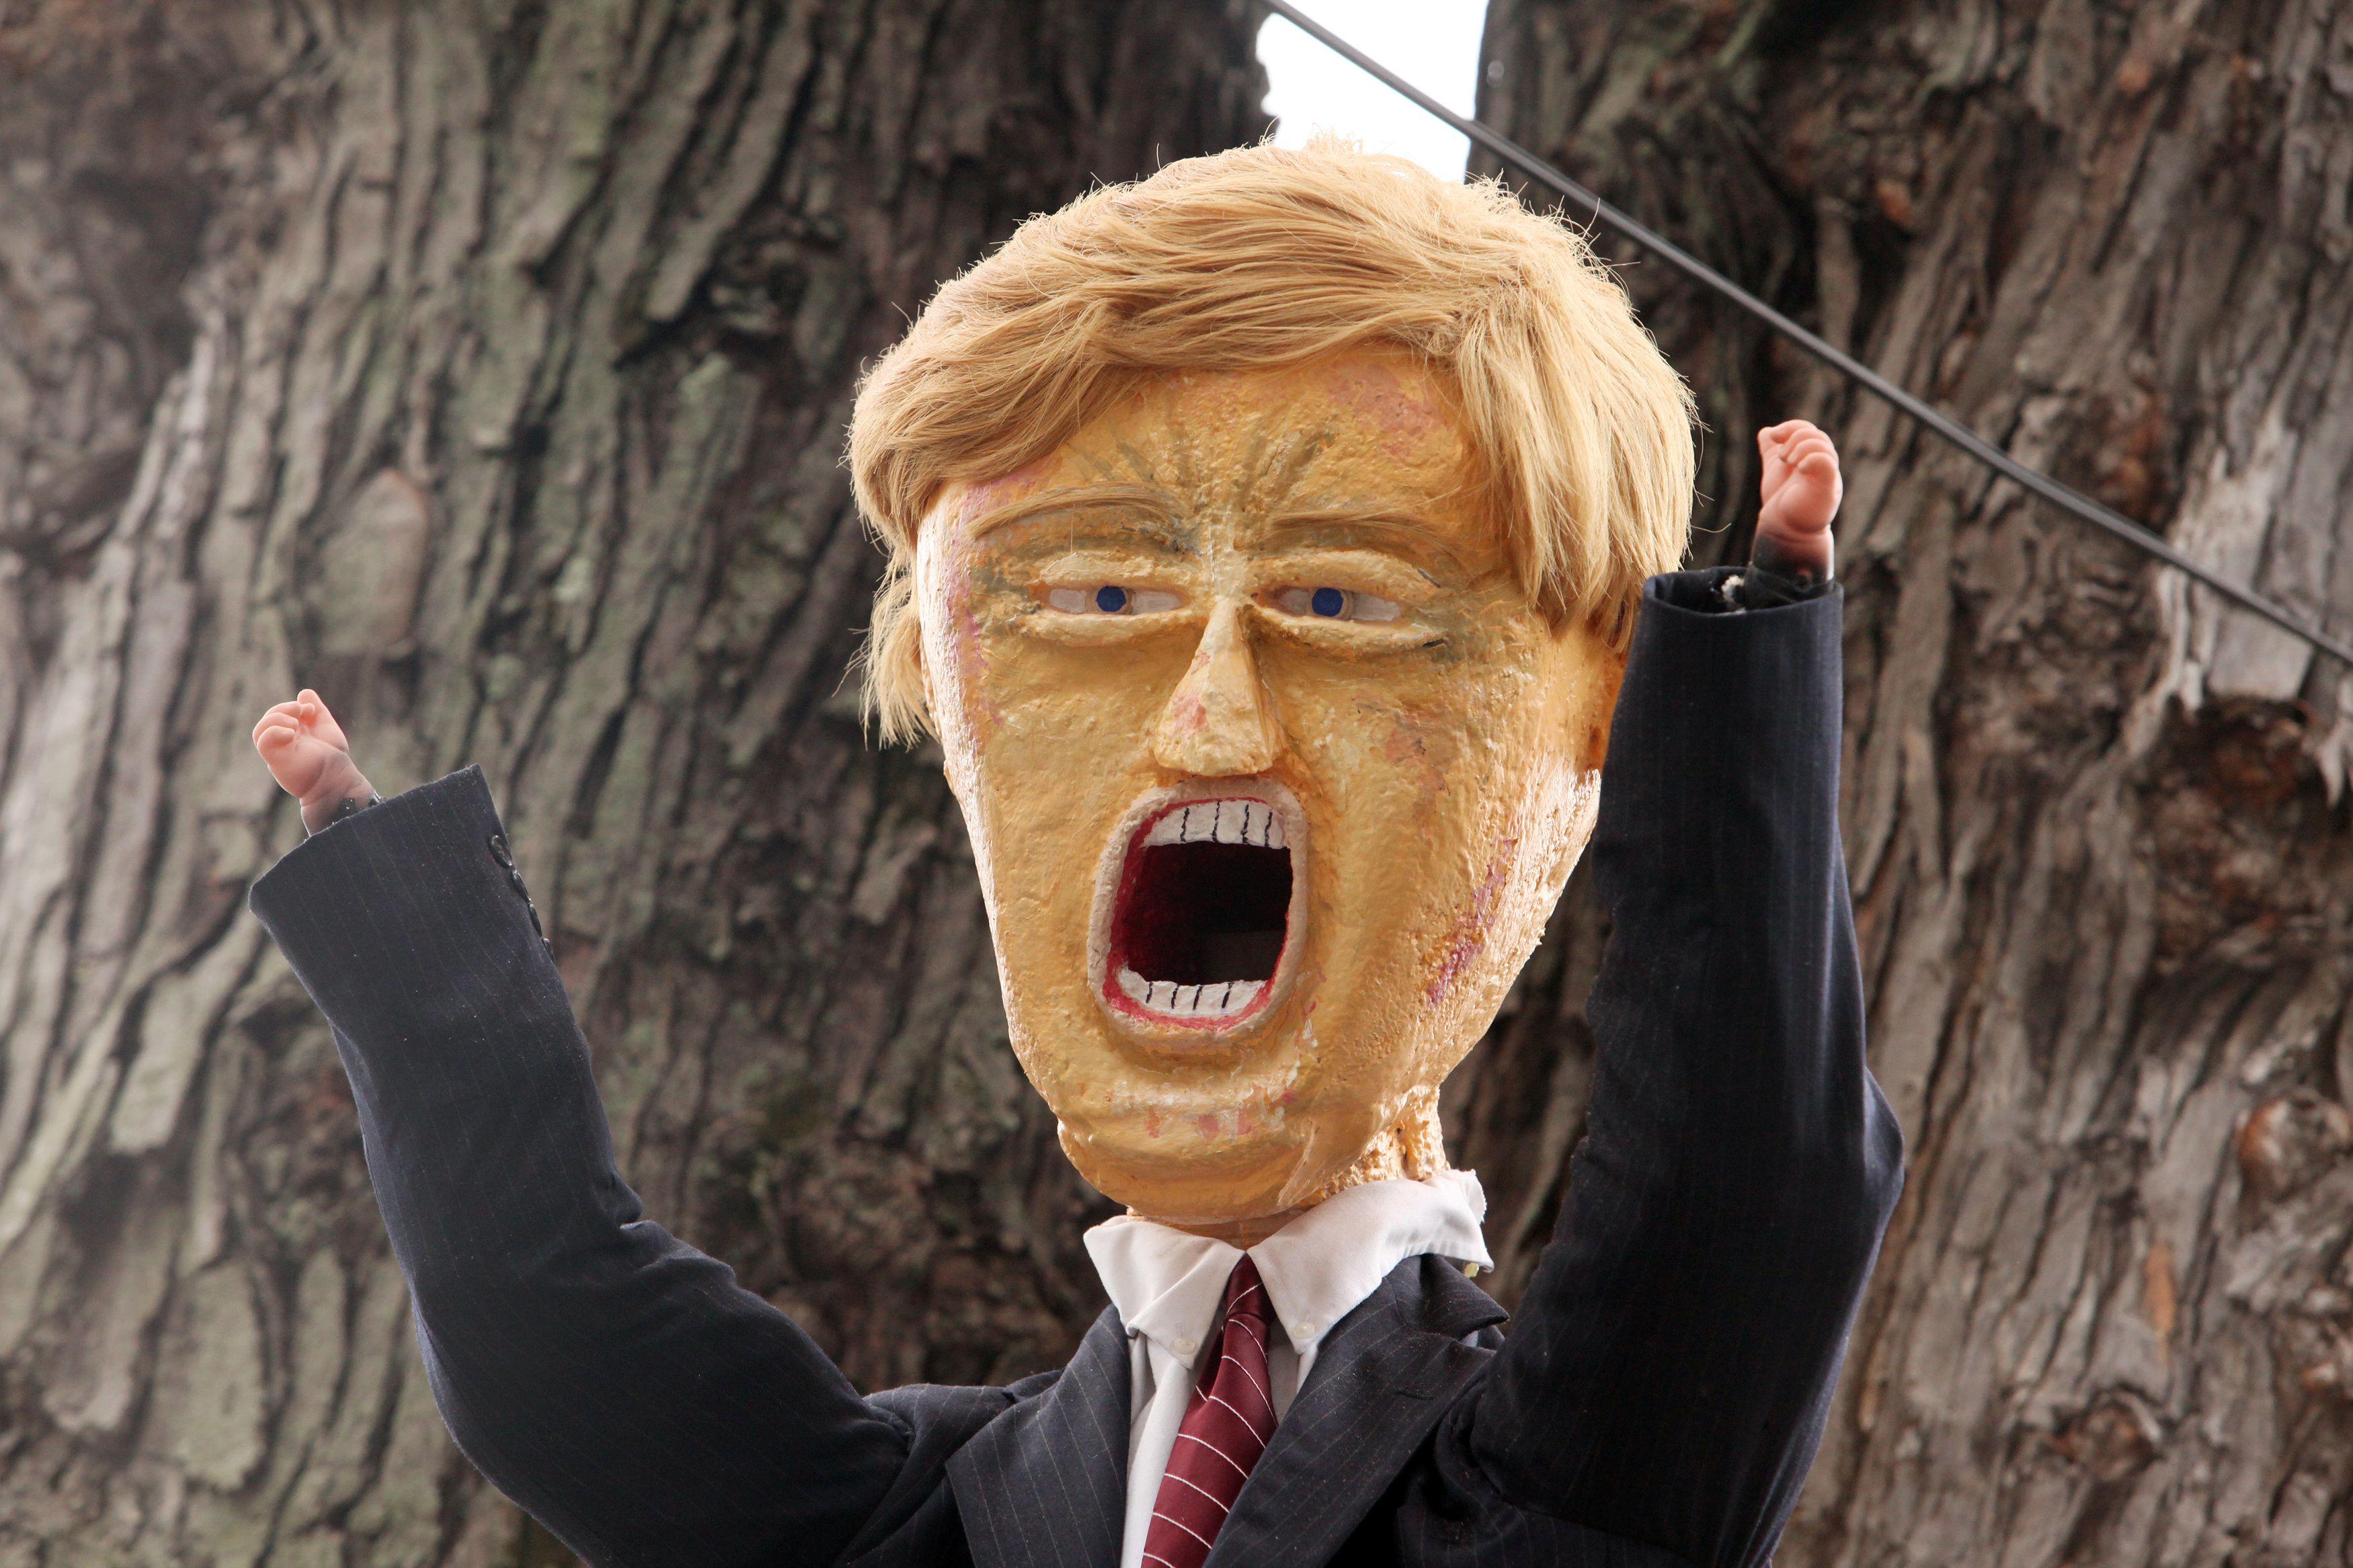 Des manifestations anti-Trump éclatent un peu partout aux Etats-Unis